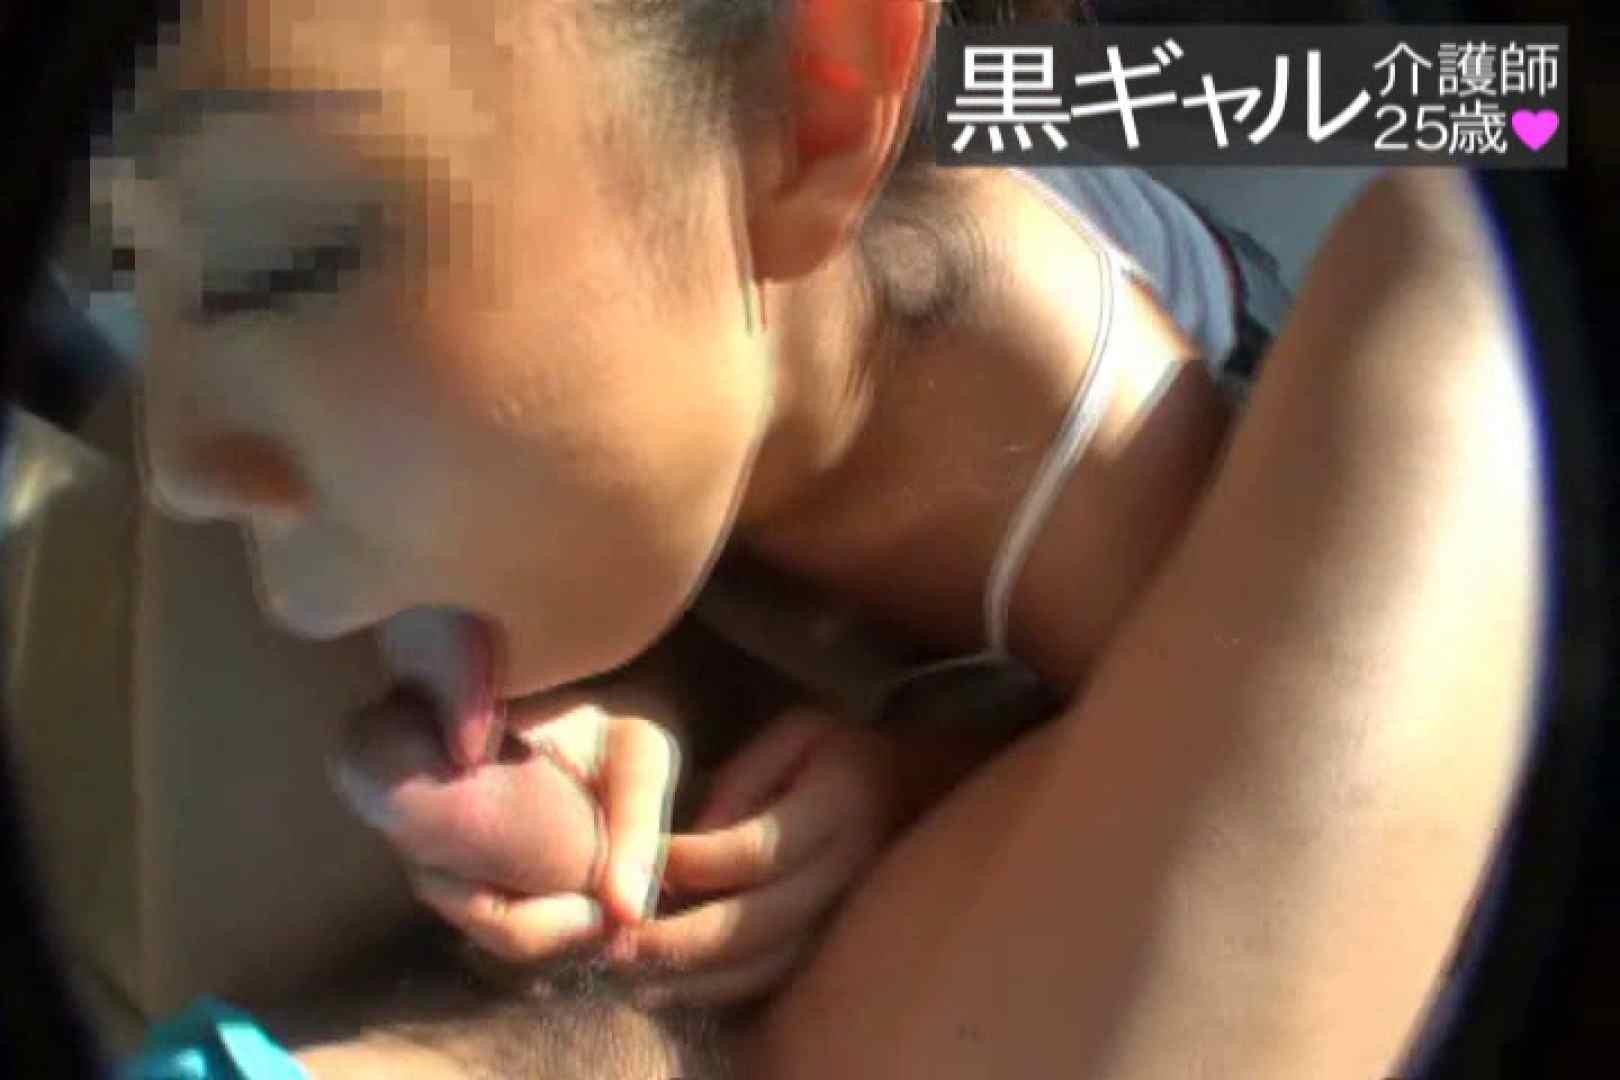 独占入手 従順M黒ギャル介護師25歳vol.6 美しいOLの裸体 | シャワー  78pic 36